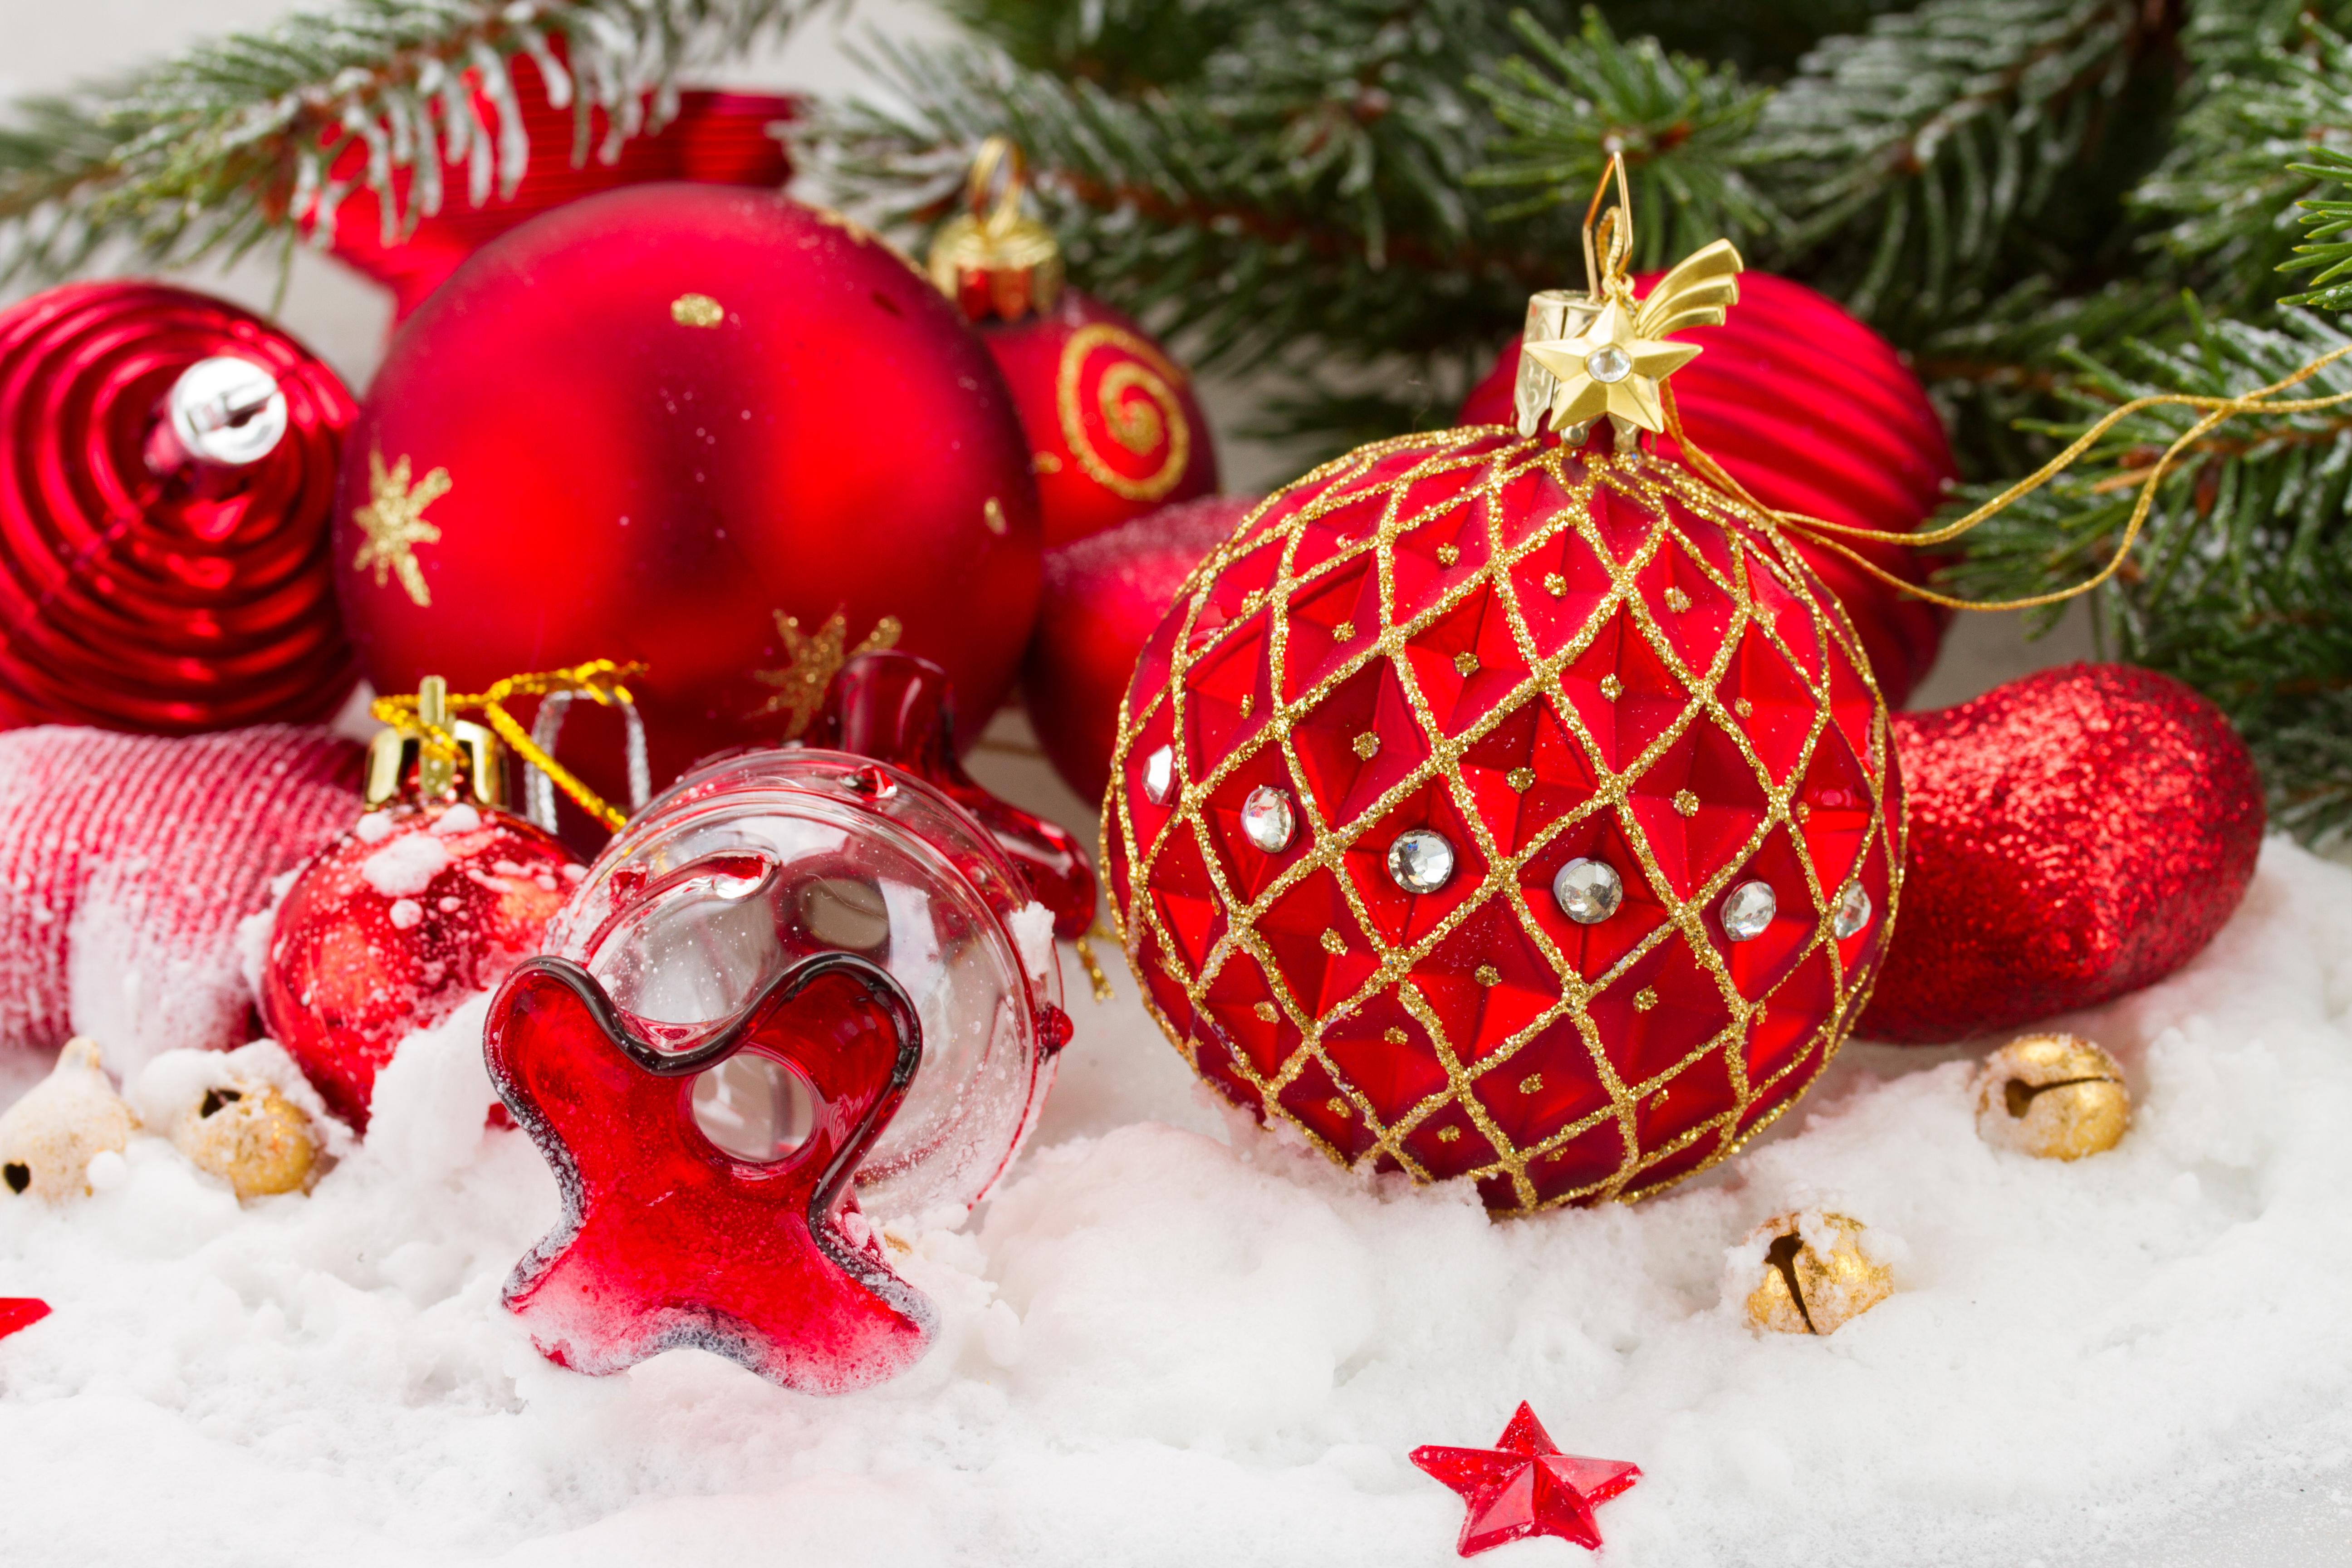 Картинки новогодние показать, дню защитника открытки